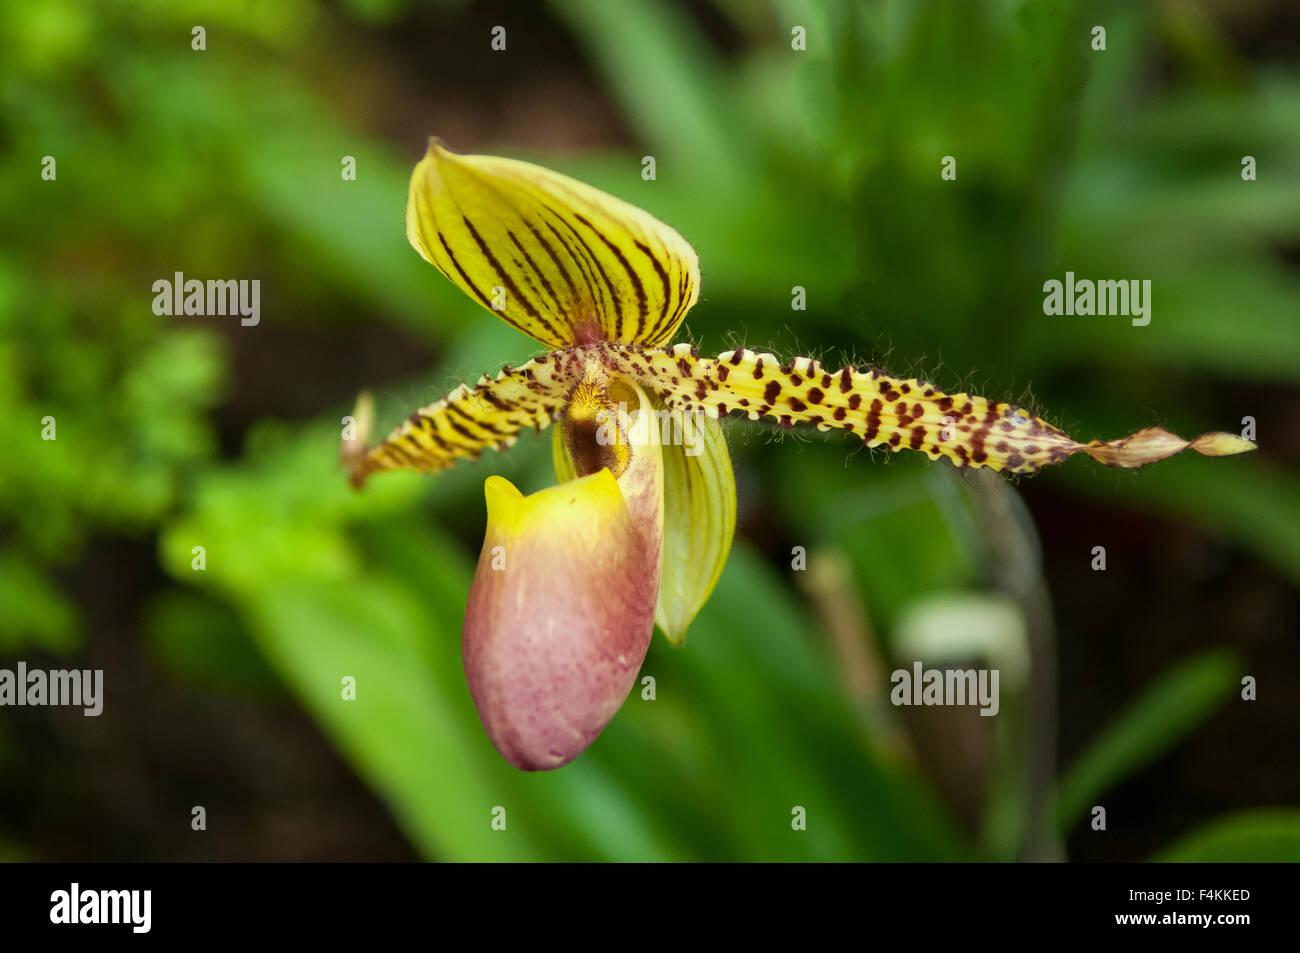 Paphiopedilum Transvaal Orchid - Stock Image